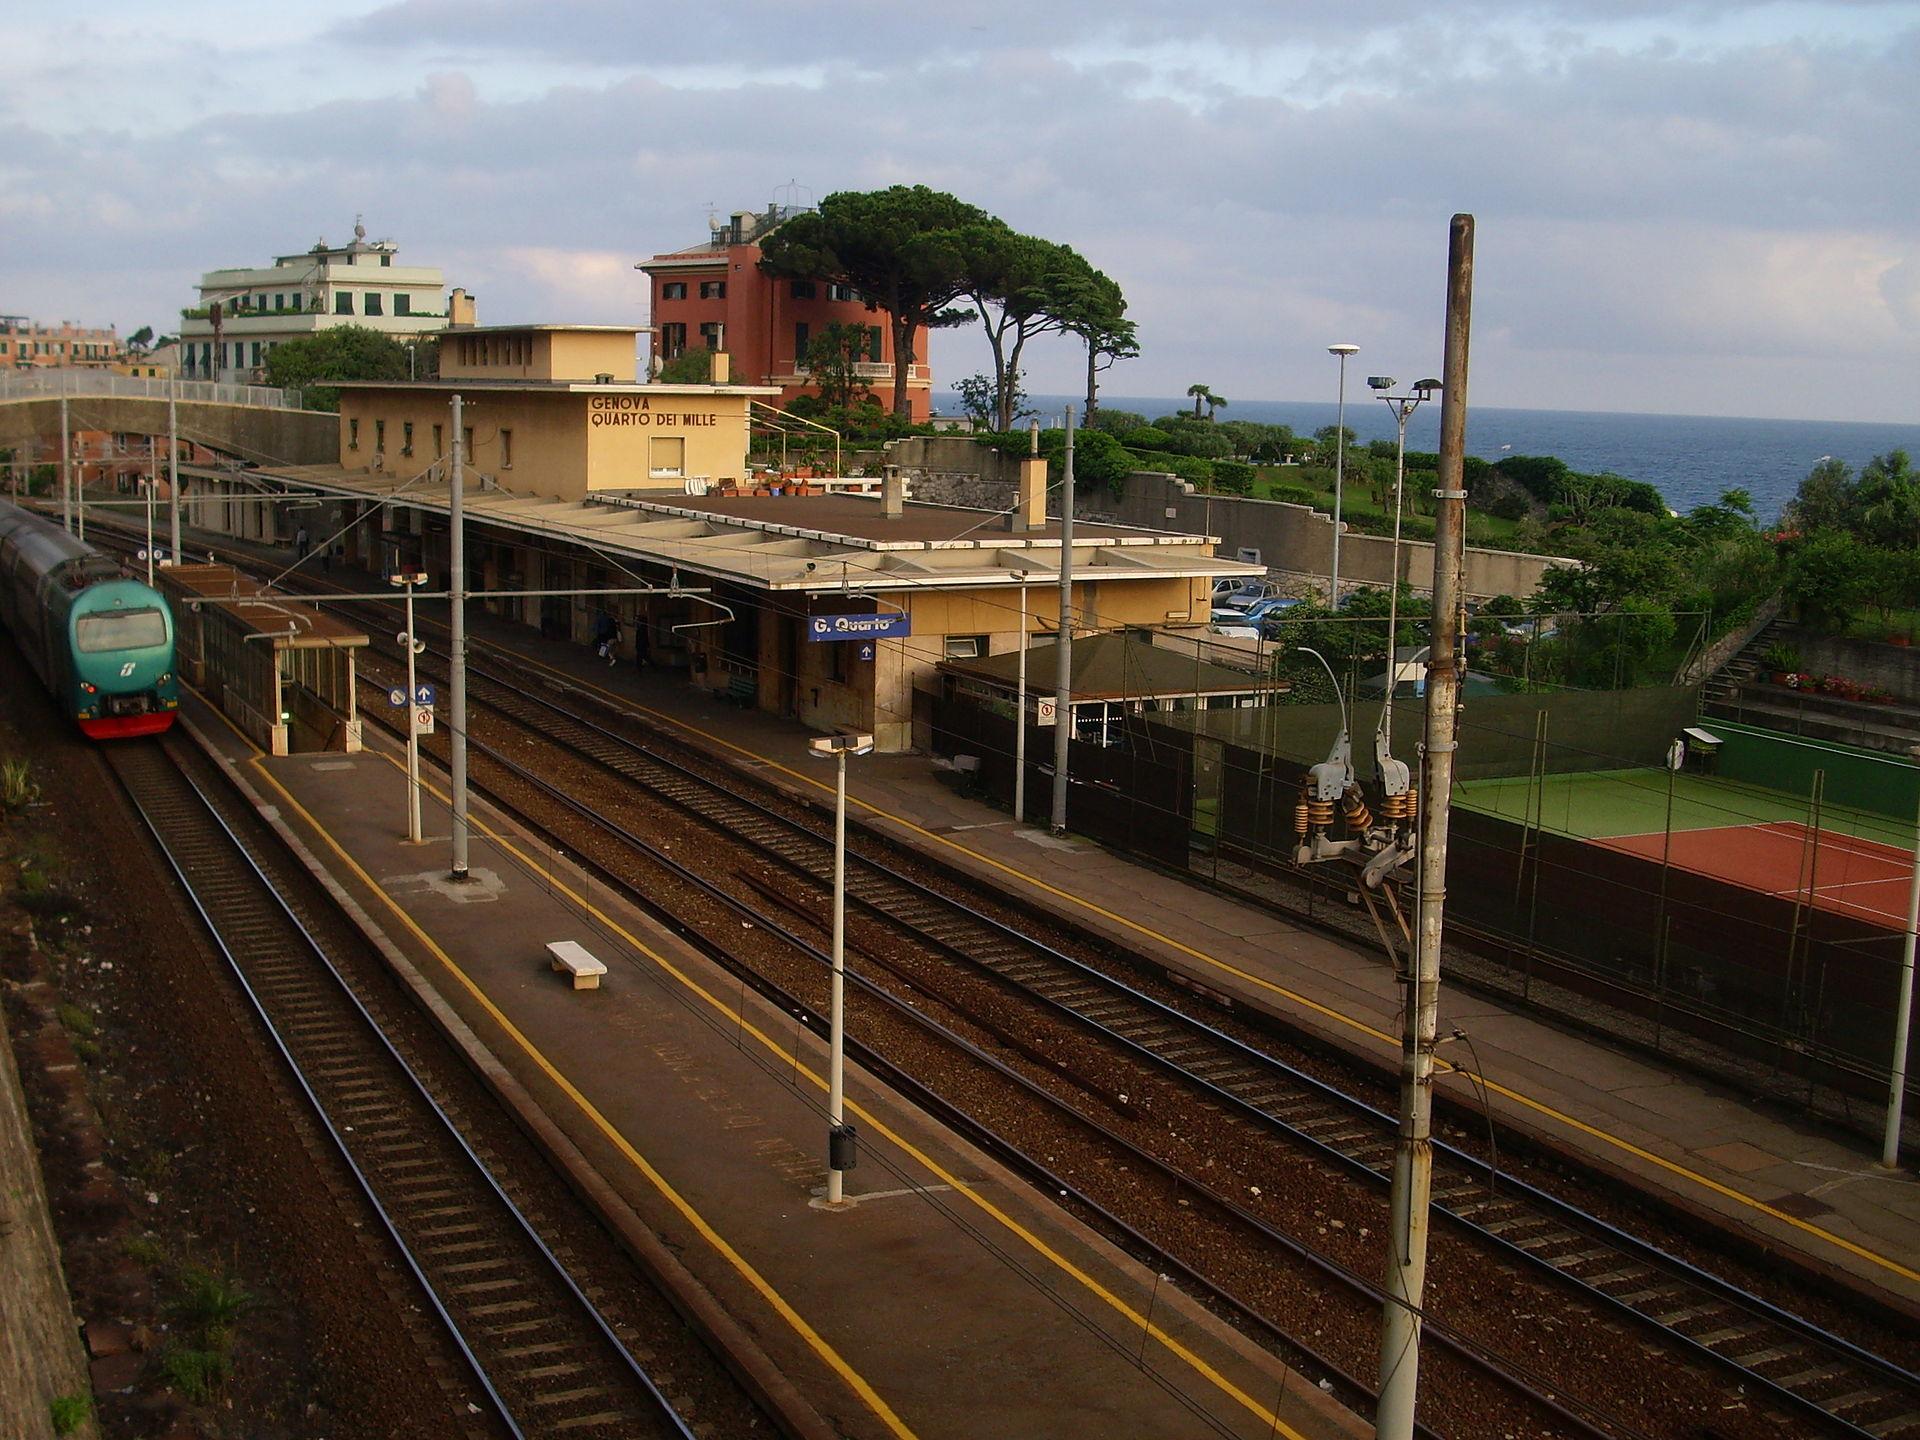 Da Stazione Fs Genova Brignole A Via Villa Glori